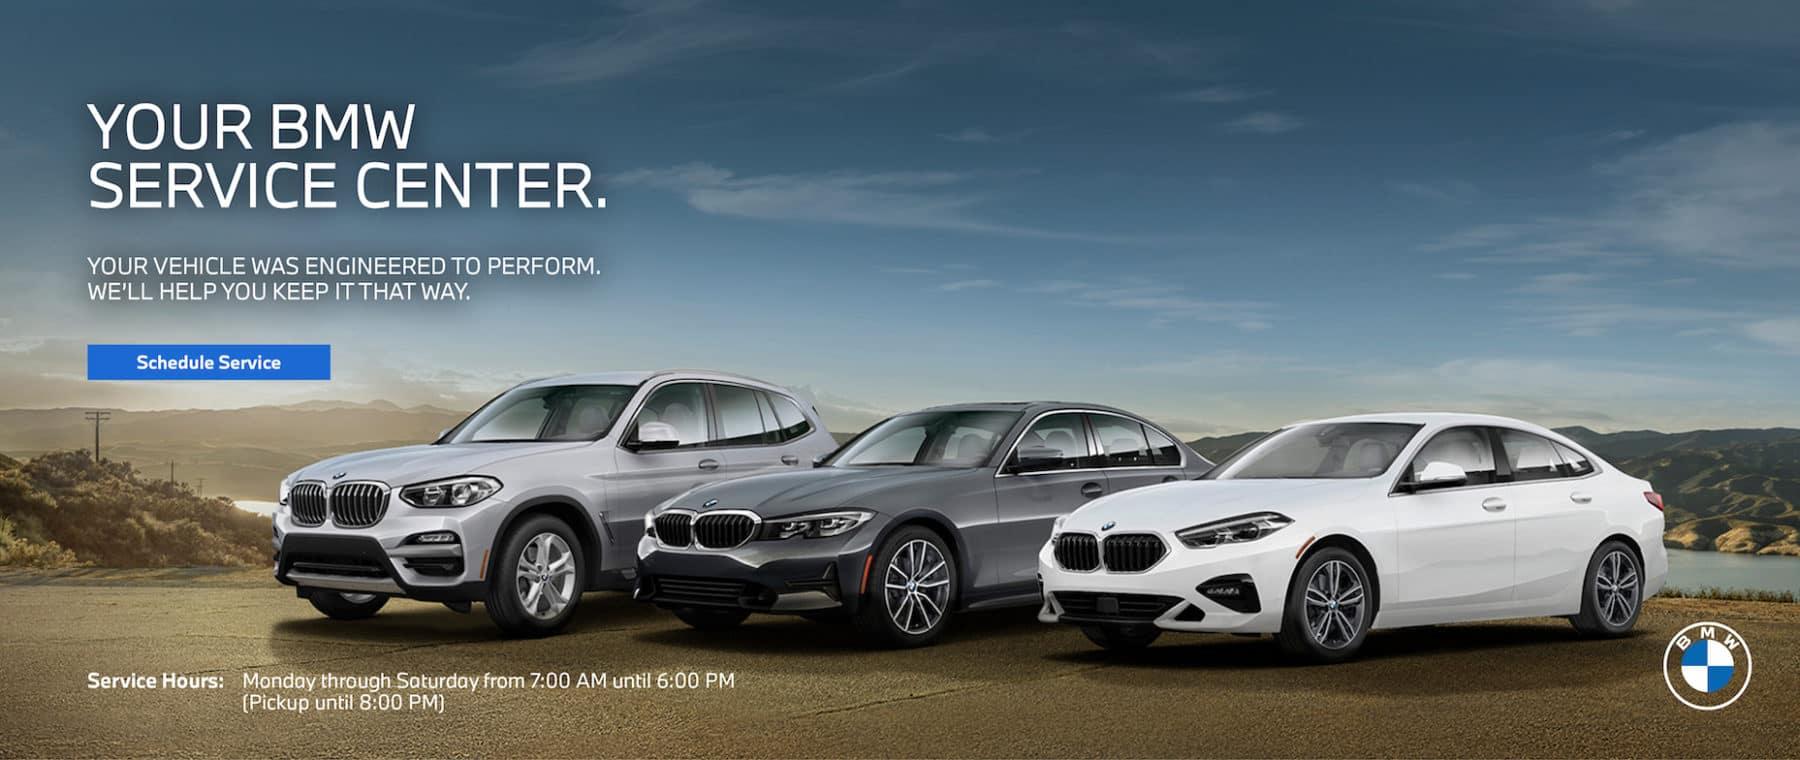 BMW.Service.Slider